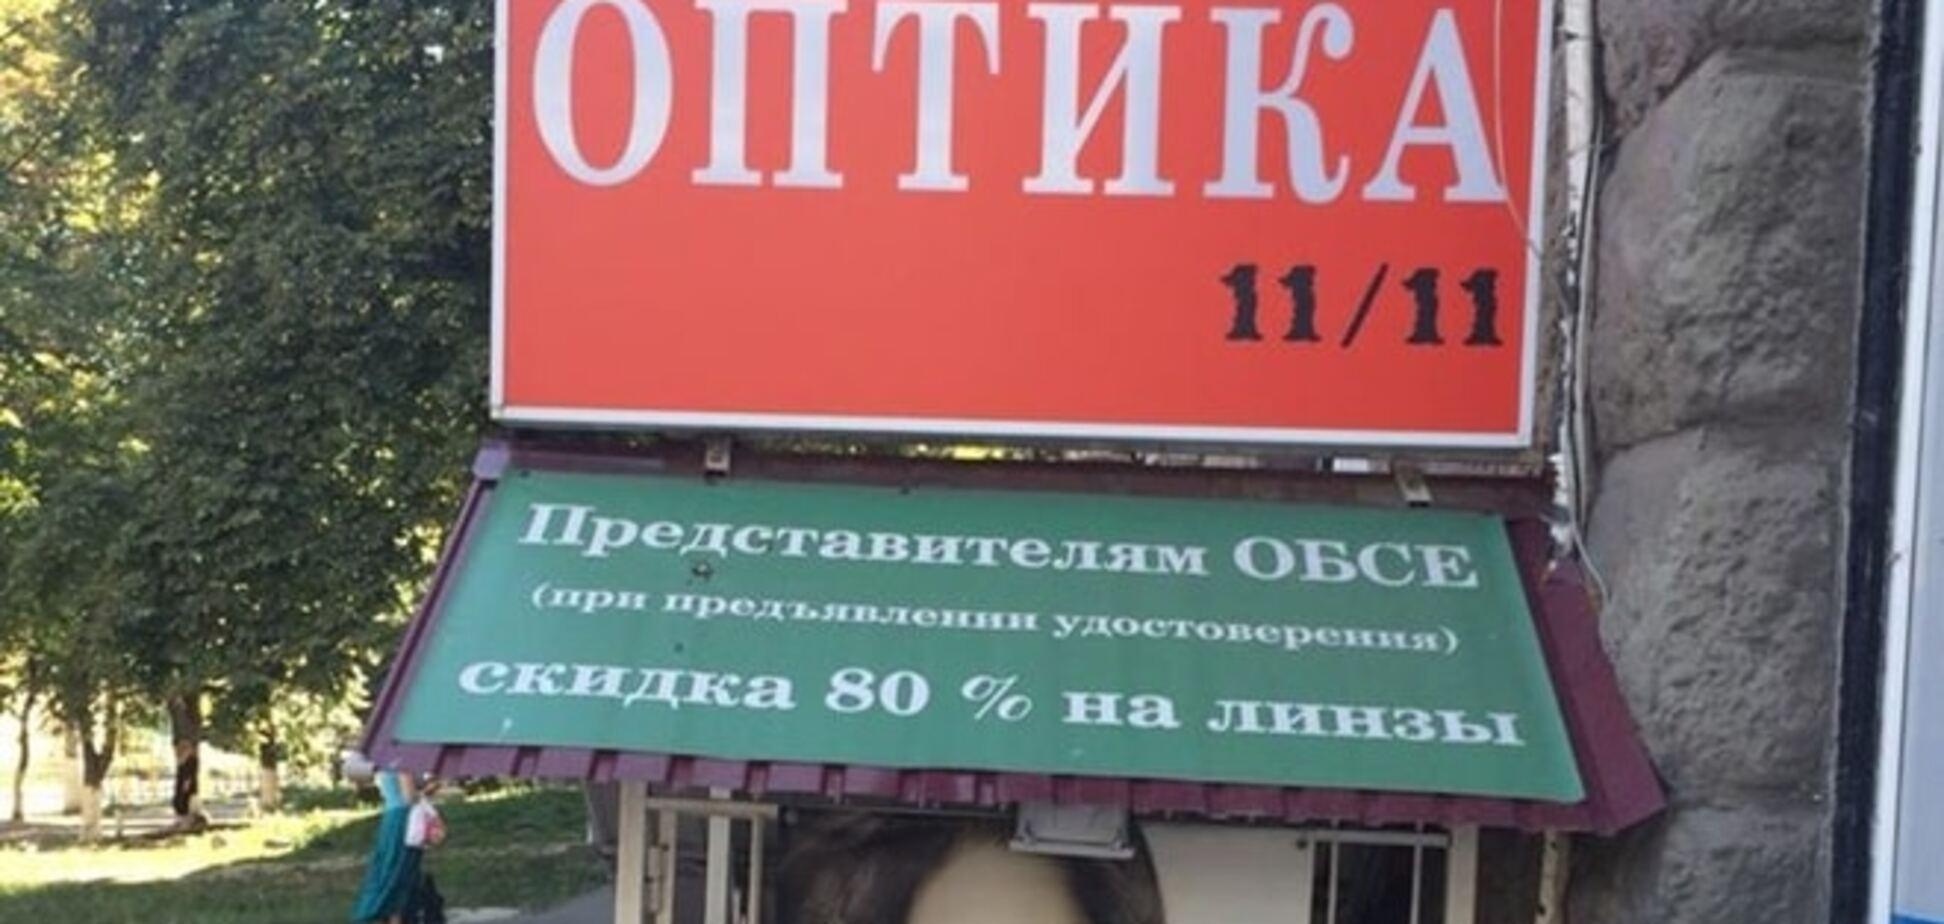 В Киеве 'слепых' сотрудников ОБСЕ 'троллят' огромной скидкой на контактные линзы: фотофакт